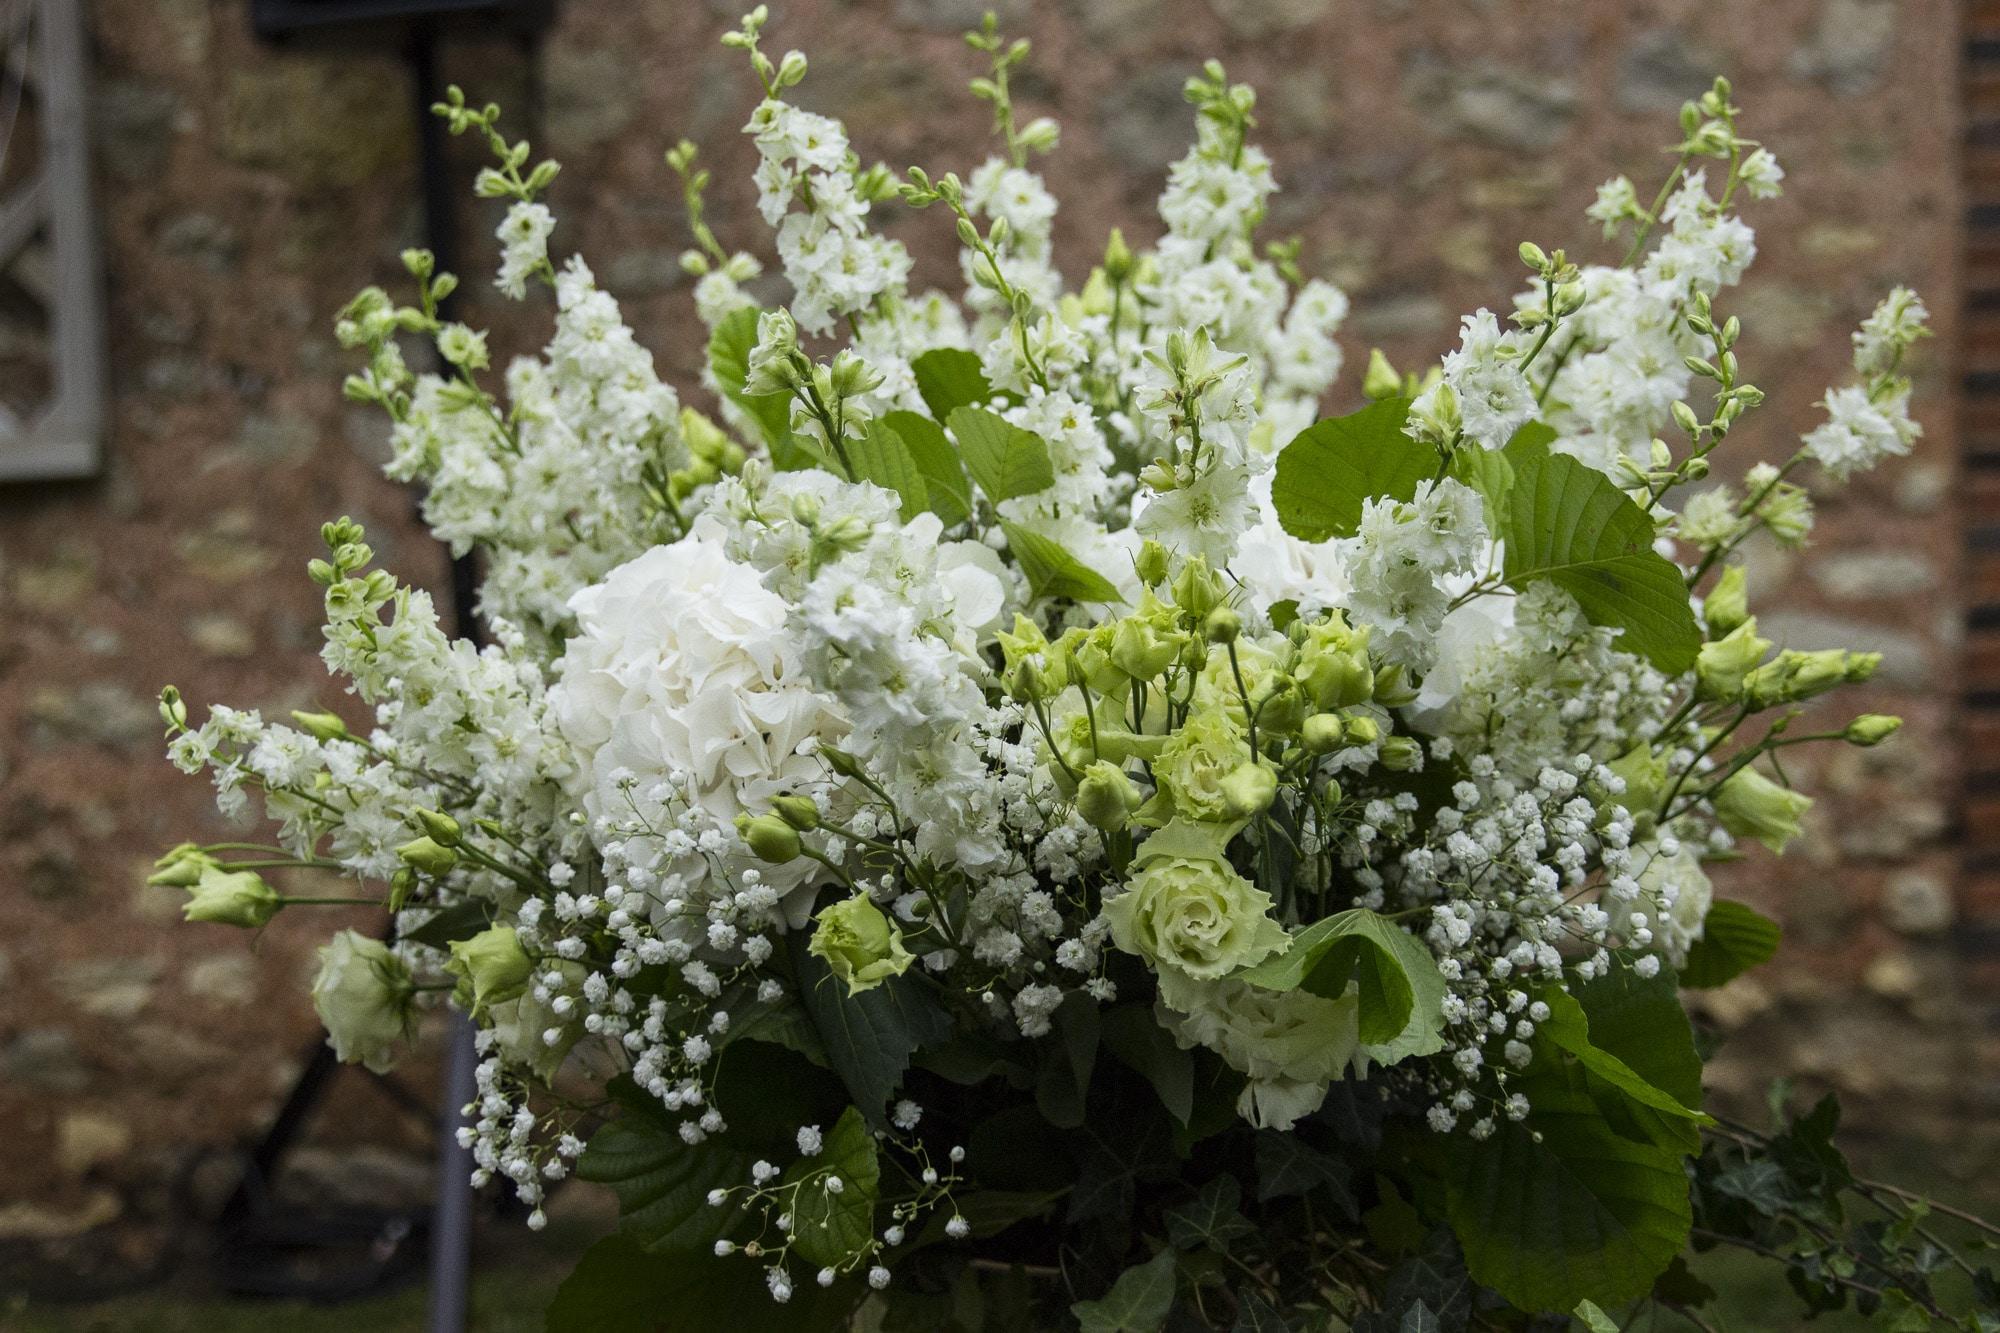 bouquet_mariage_cocktail_Blanc_vert_liere_HUG_bordeaux_2